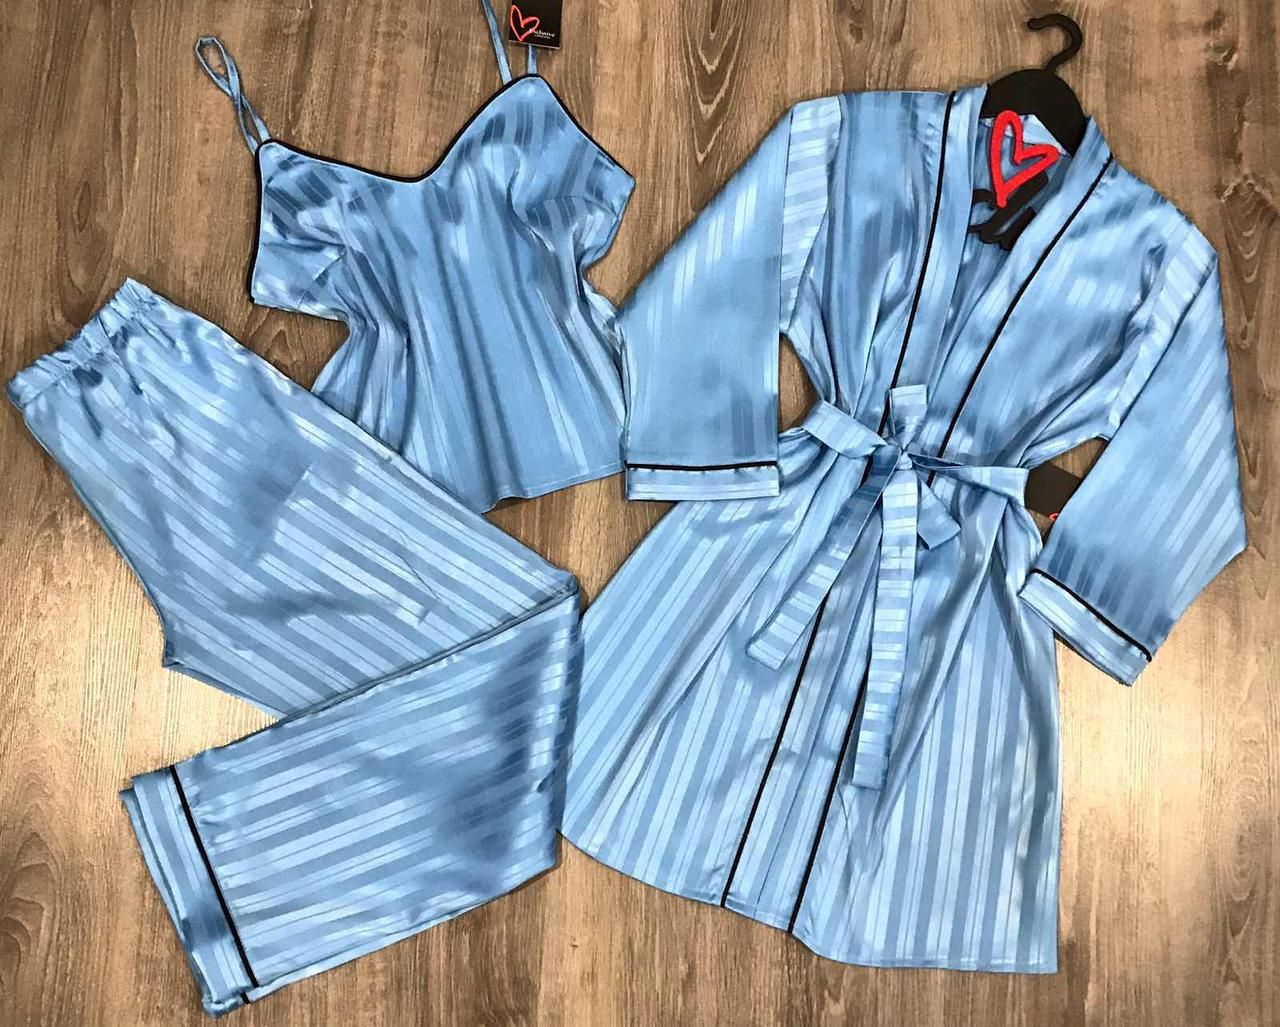 Голубой комплект домашней одежды халат+майка+штаны тисненая полоска.